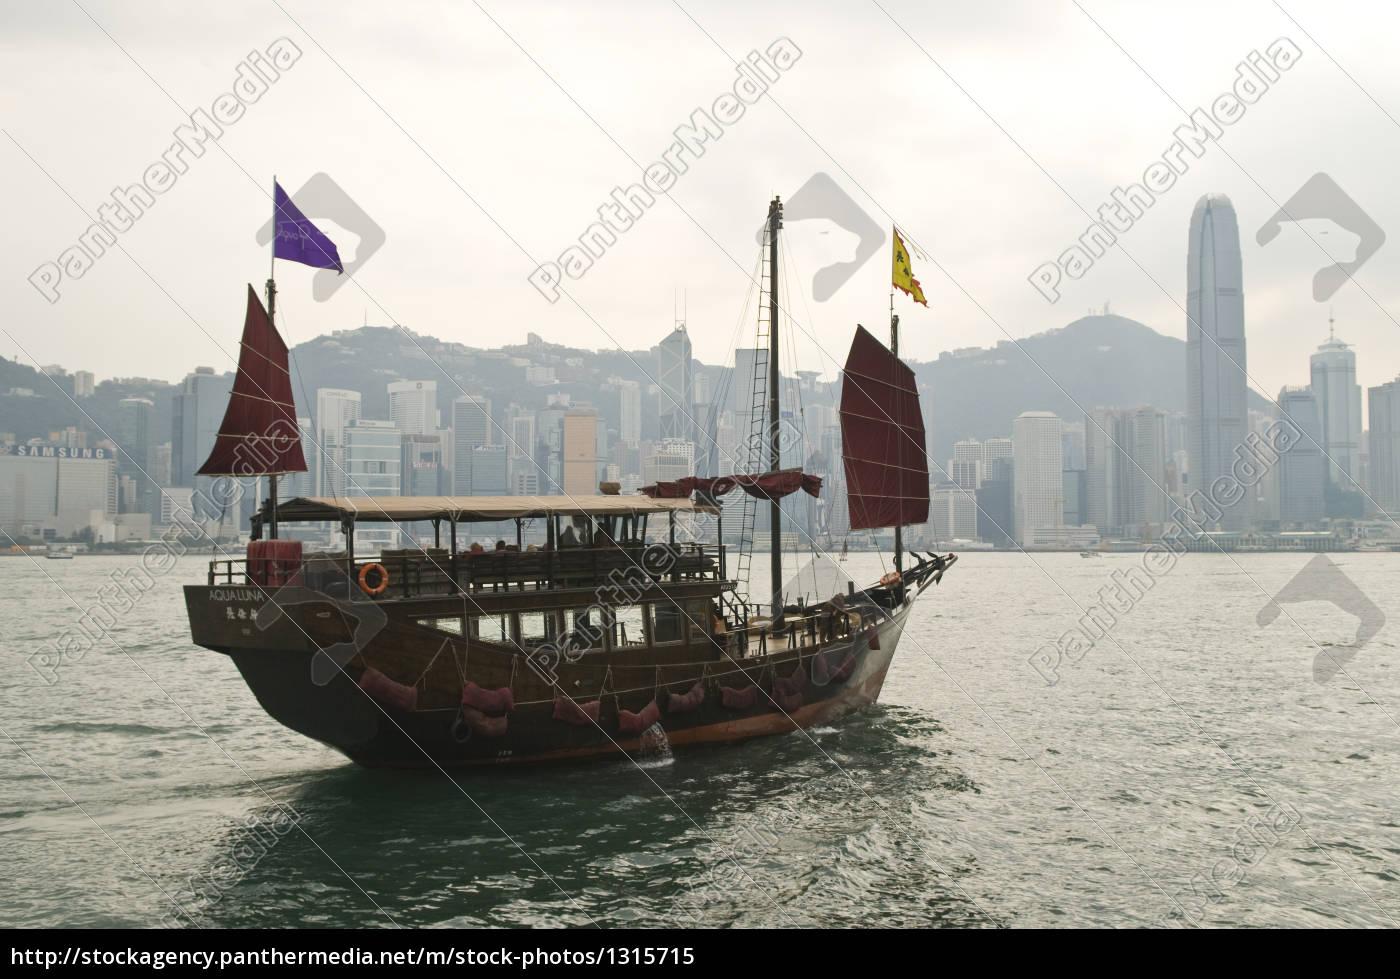 junk, hongkong - 1315715